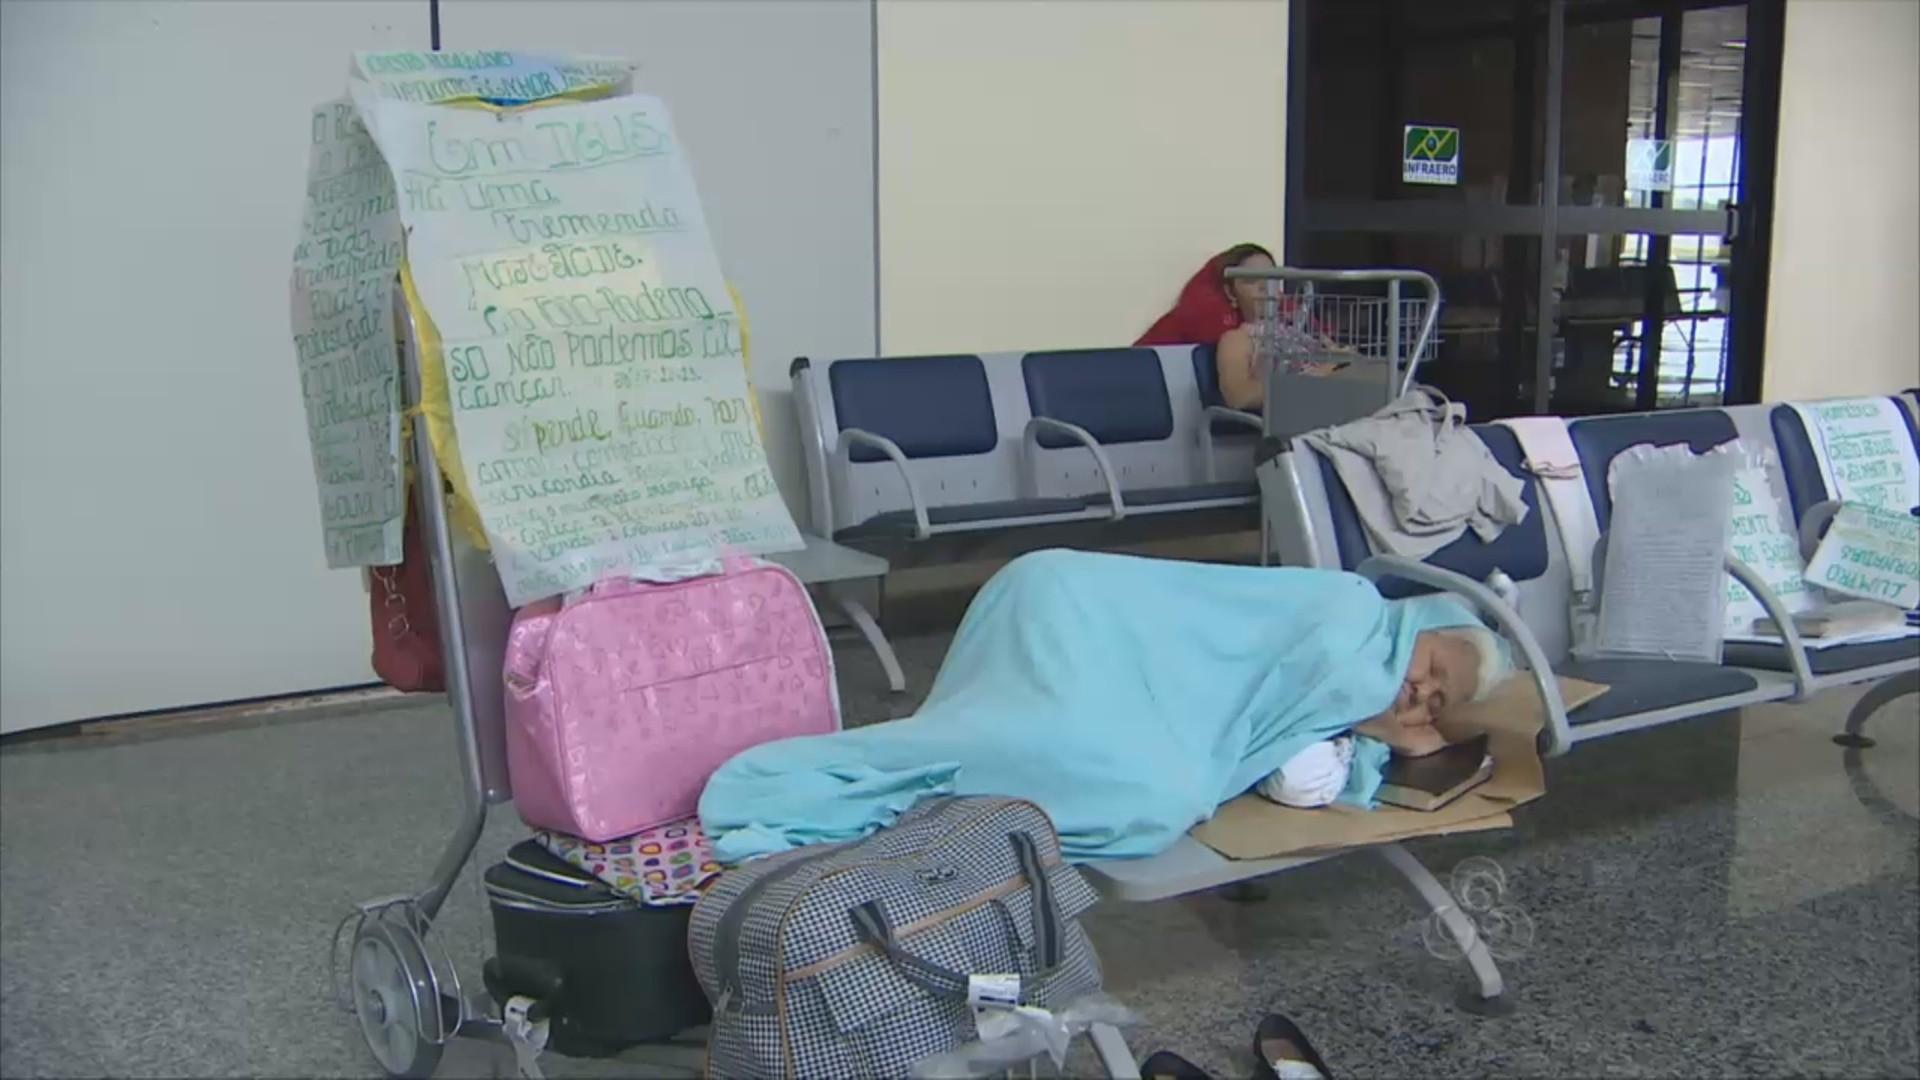 Para dormir ela ocupa um pequeno lugar dentro dos aeroportos (Foto: Amazônia TV)